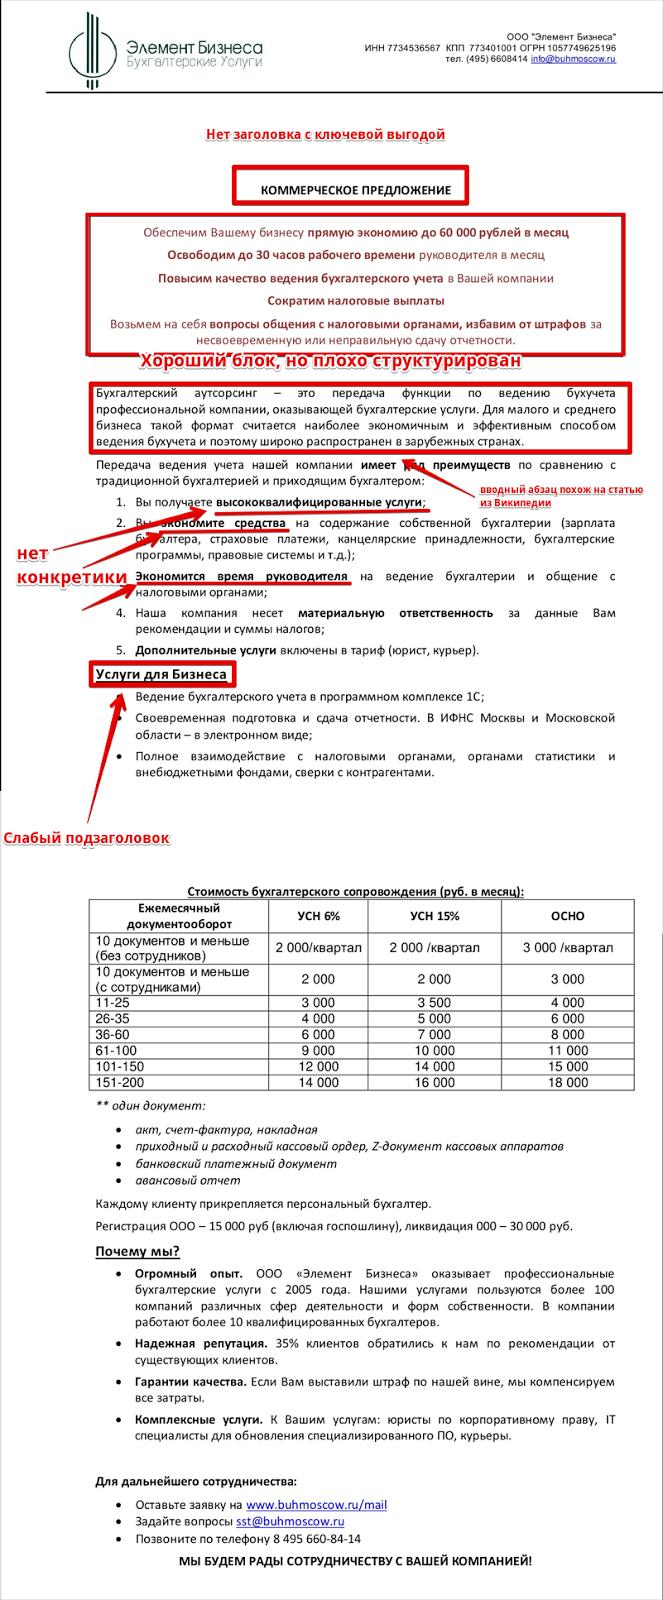 коммерческое предложение на установку натяжных потолков образец